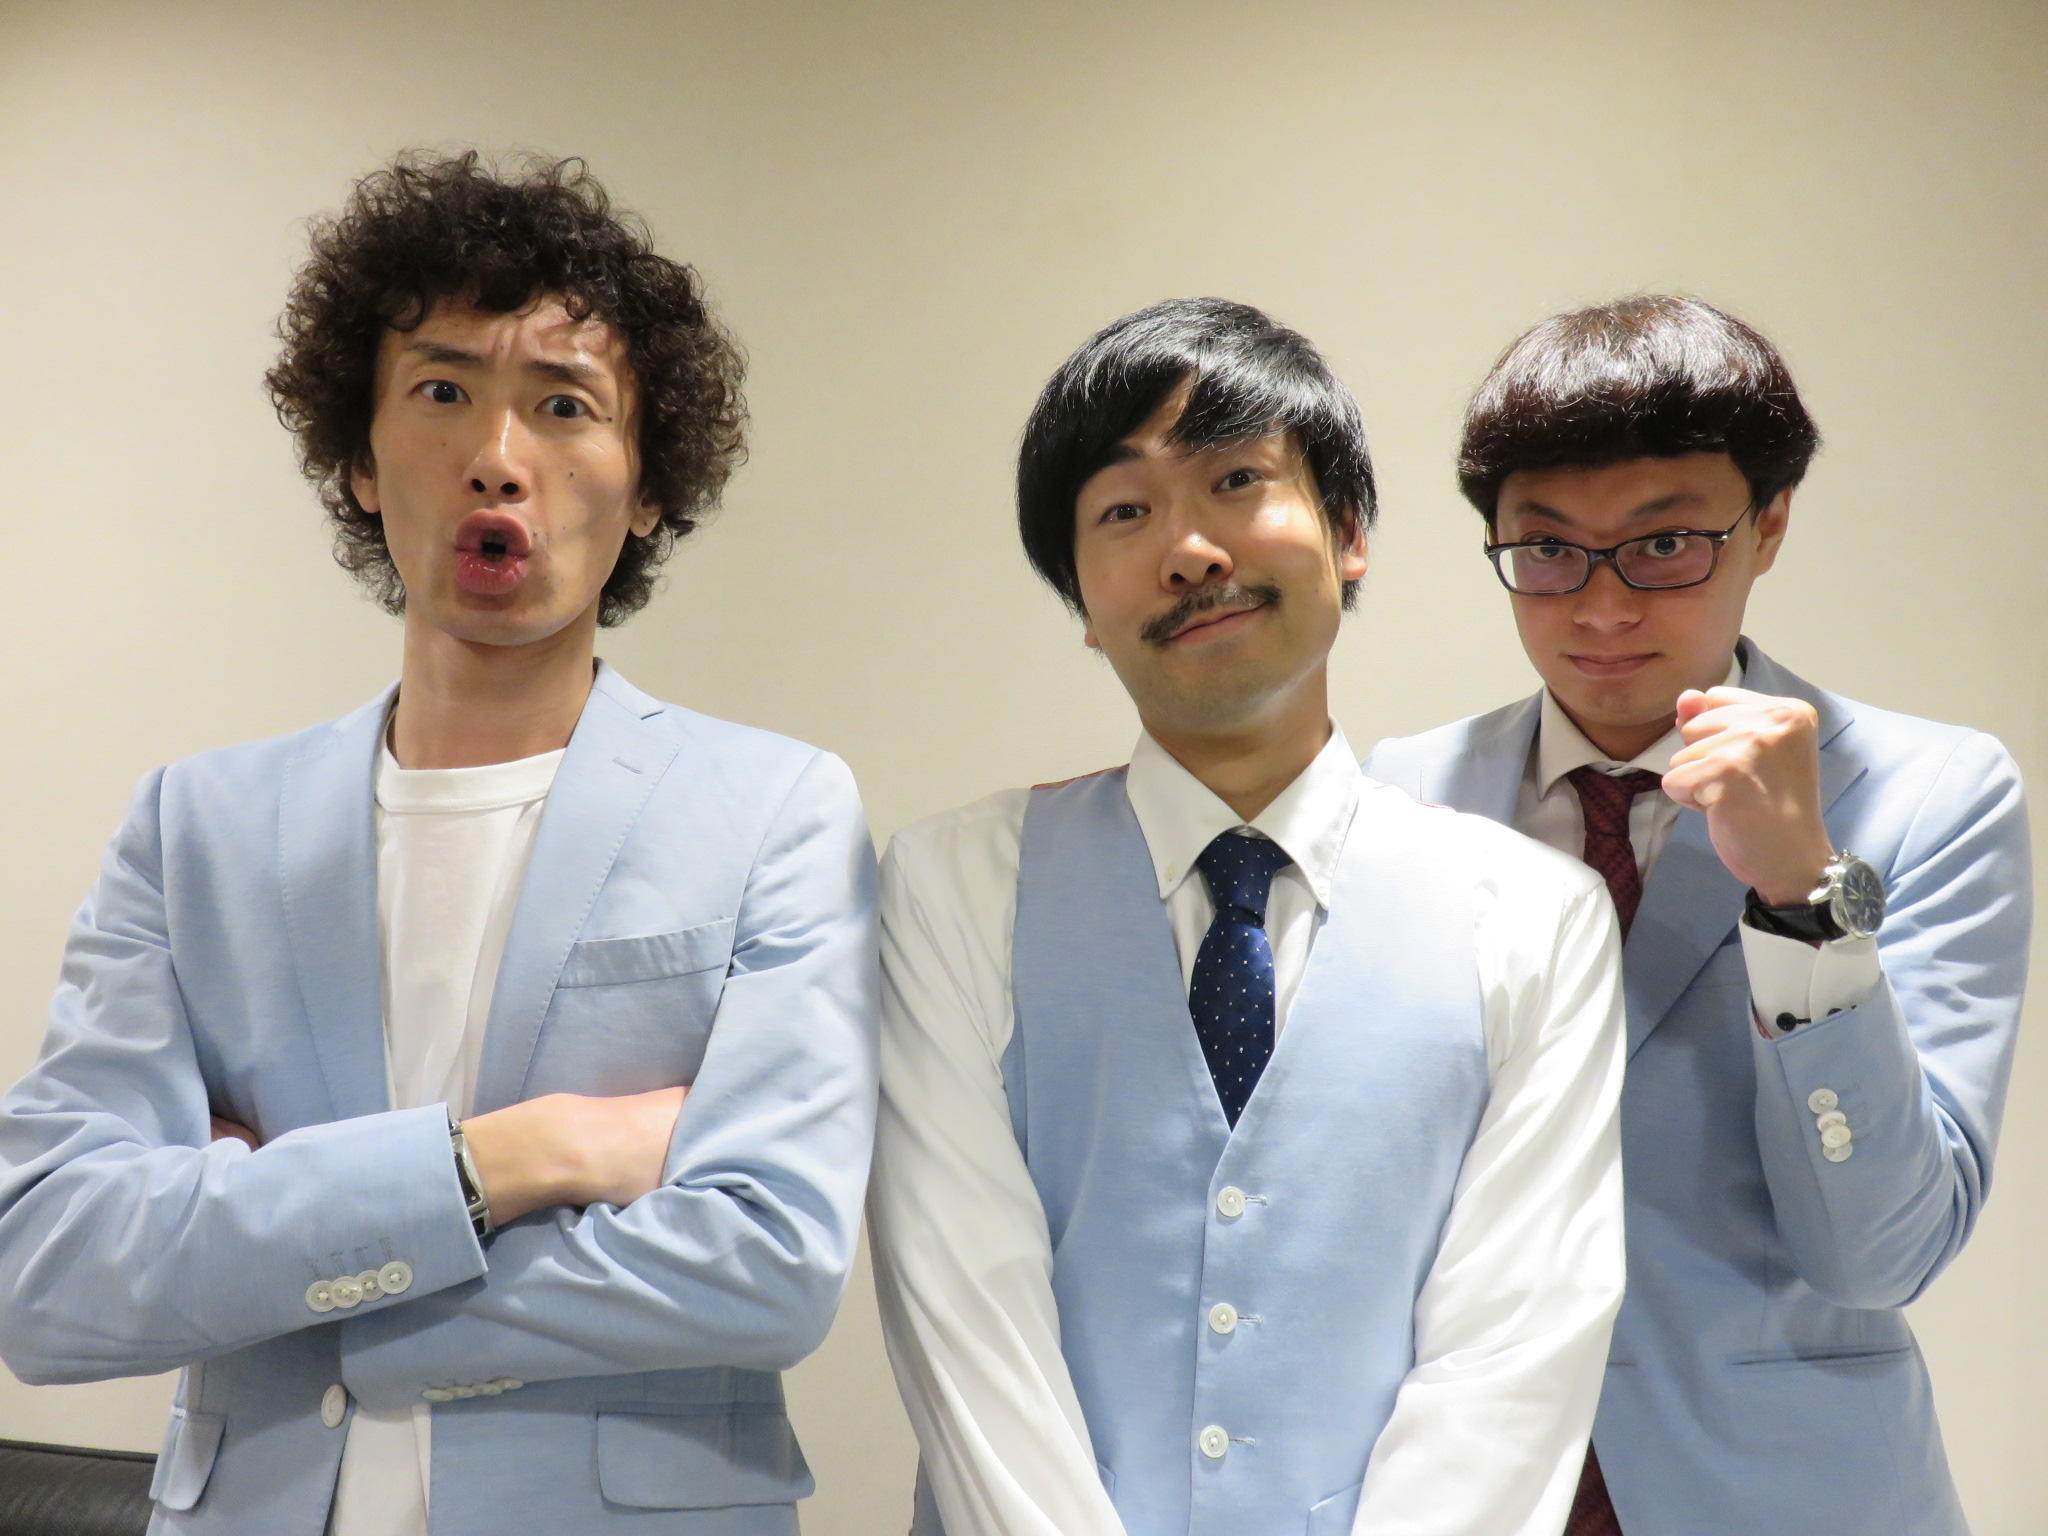 http://news.yoshimoto.co.jp/20160720225934-0f7e4d94b066d72e50b7705dd1dffb41babaa6a7.jpg